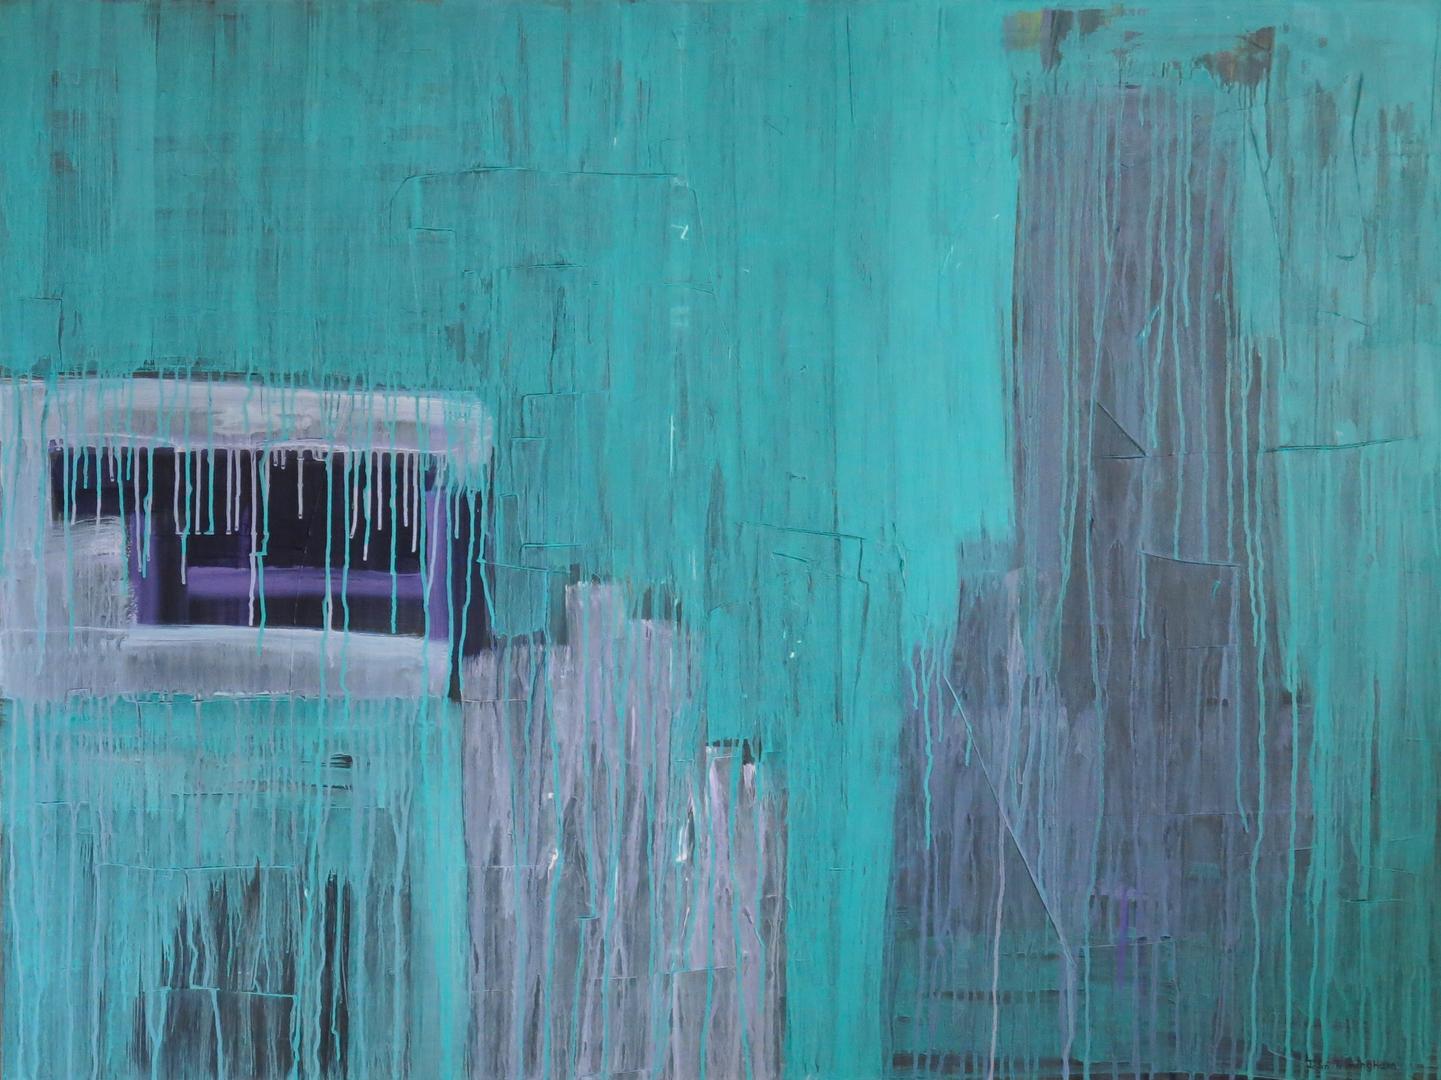 By John Trimingham